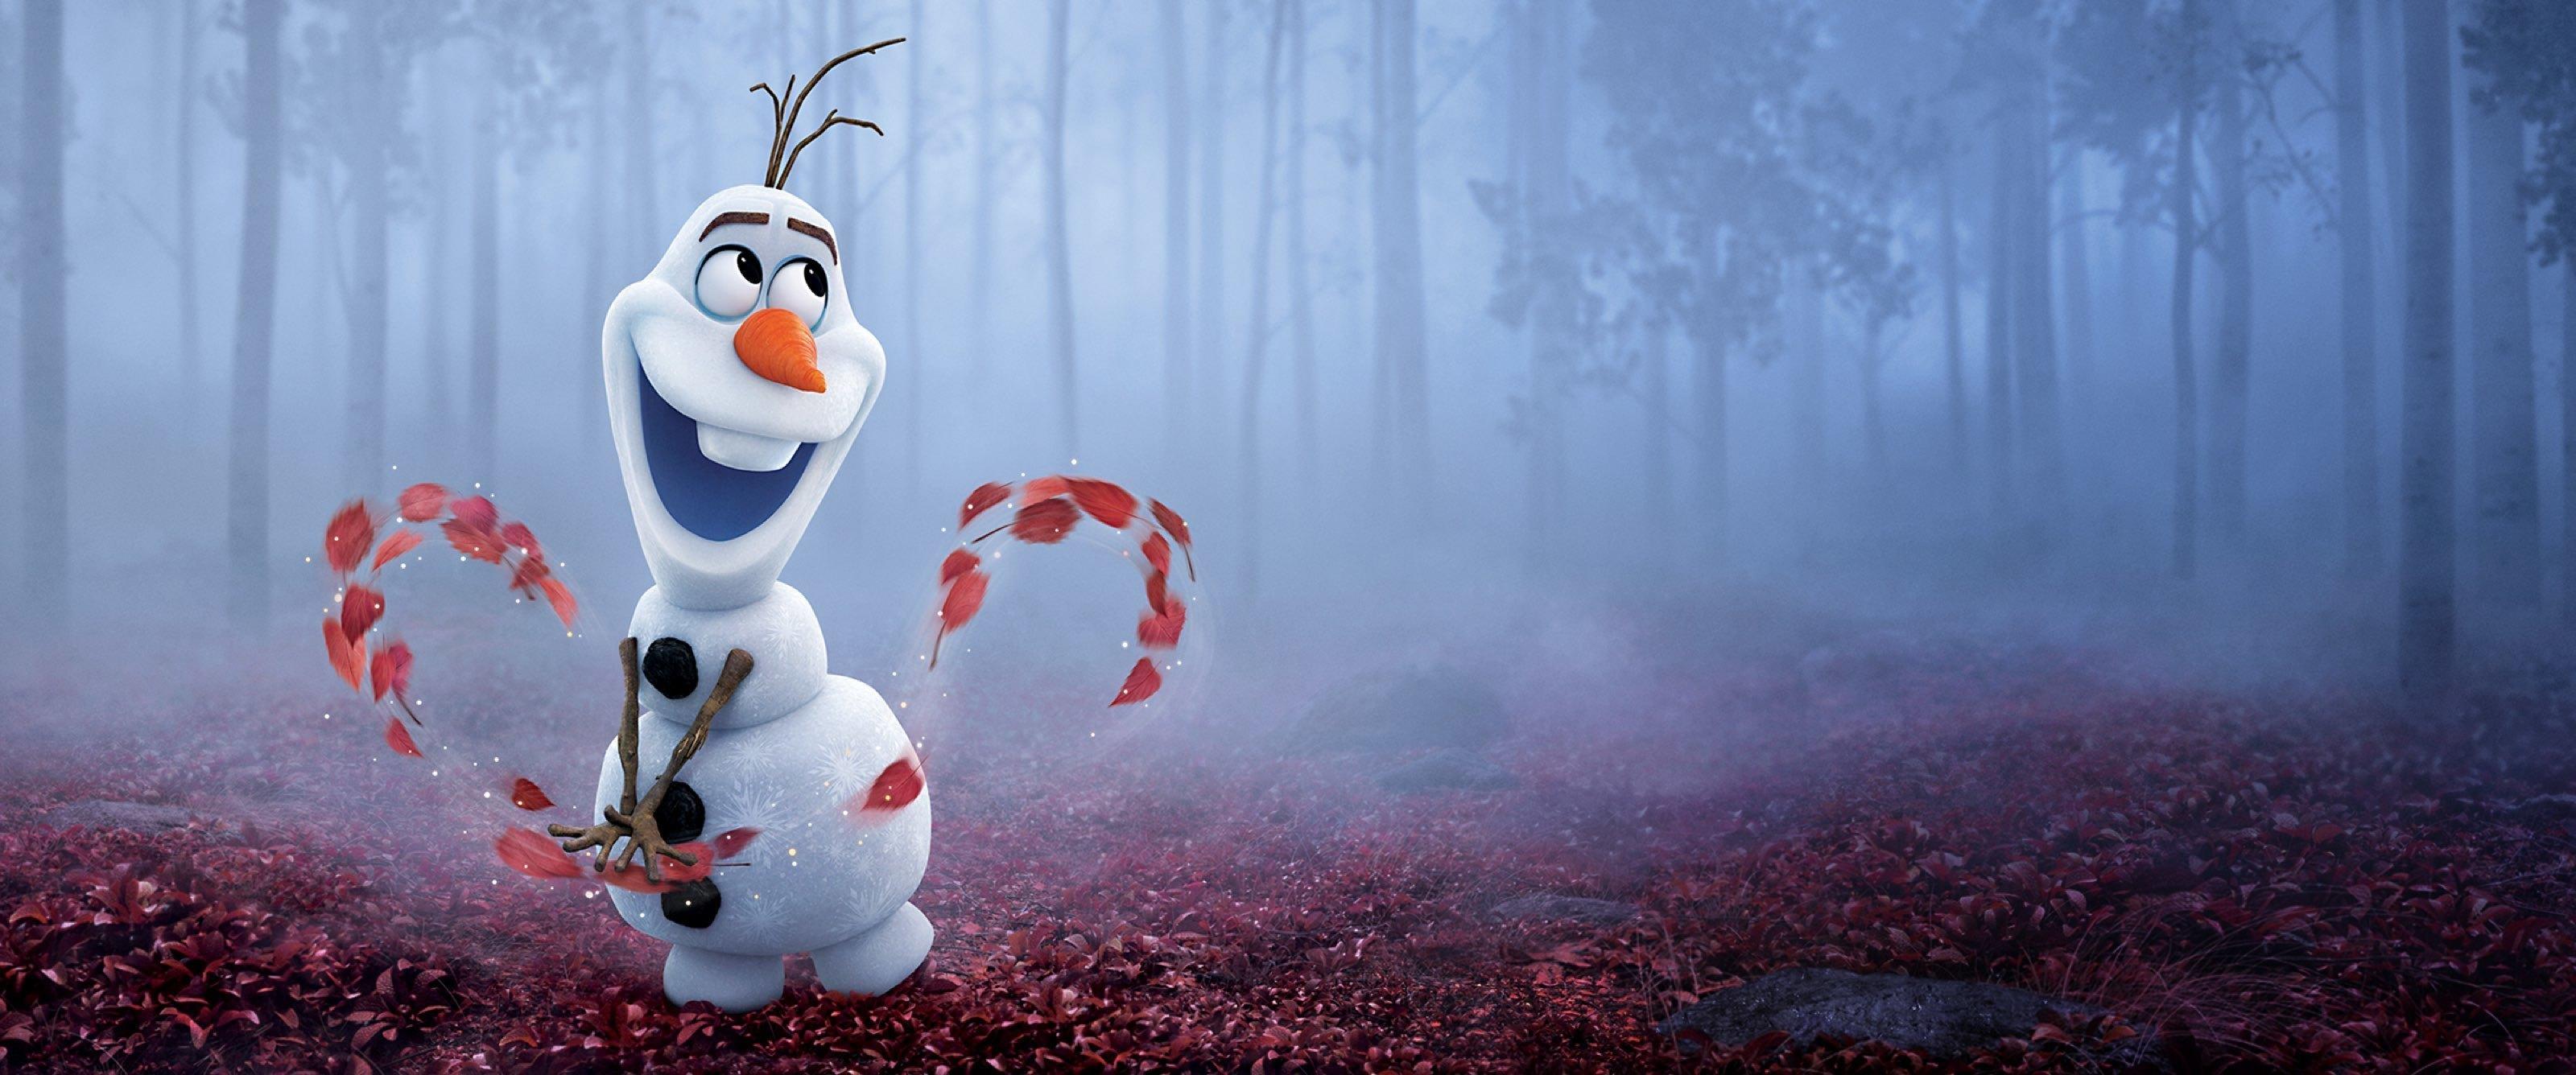 Prenota i biglietti per Frozen 2